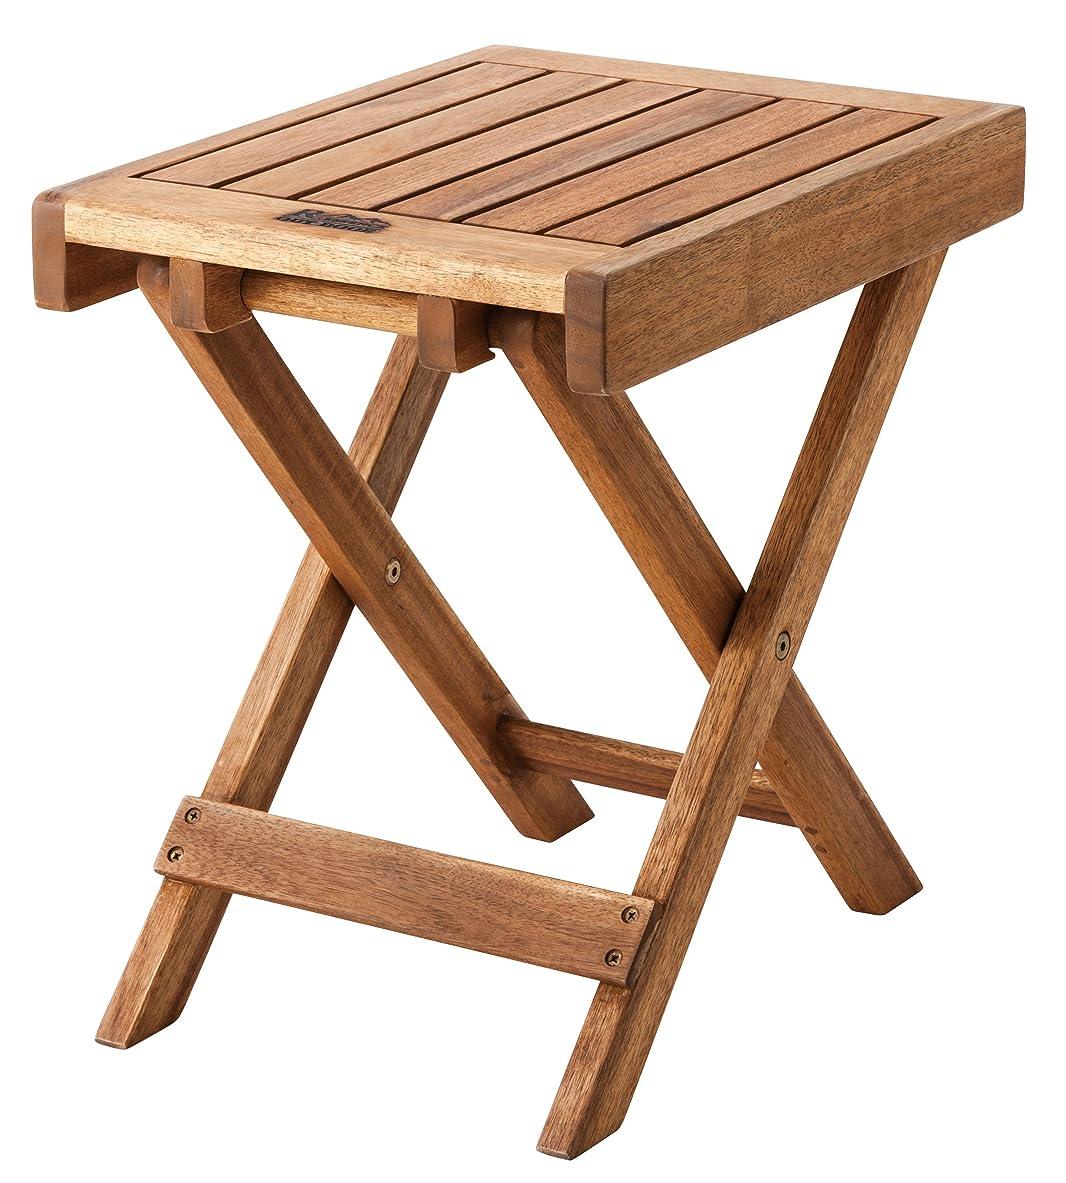 窒息させる磁気ソーシャルAZUMAYA フォールディングサイドテーブル 折りたたみ可能 40cm幅 NX-513